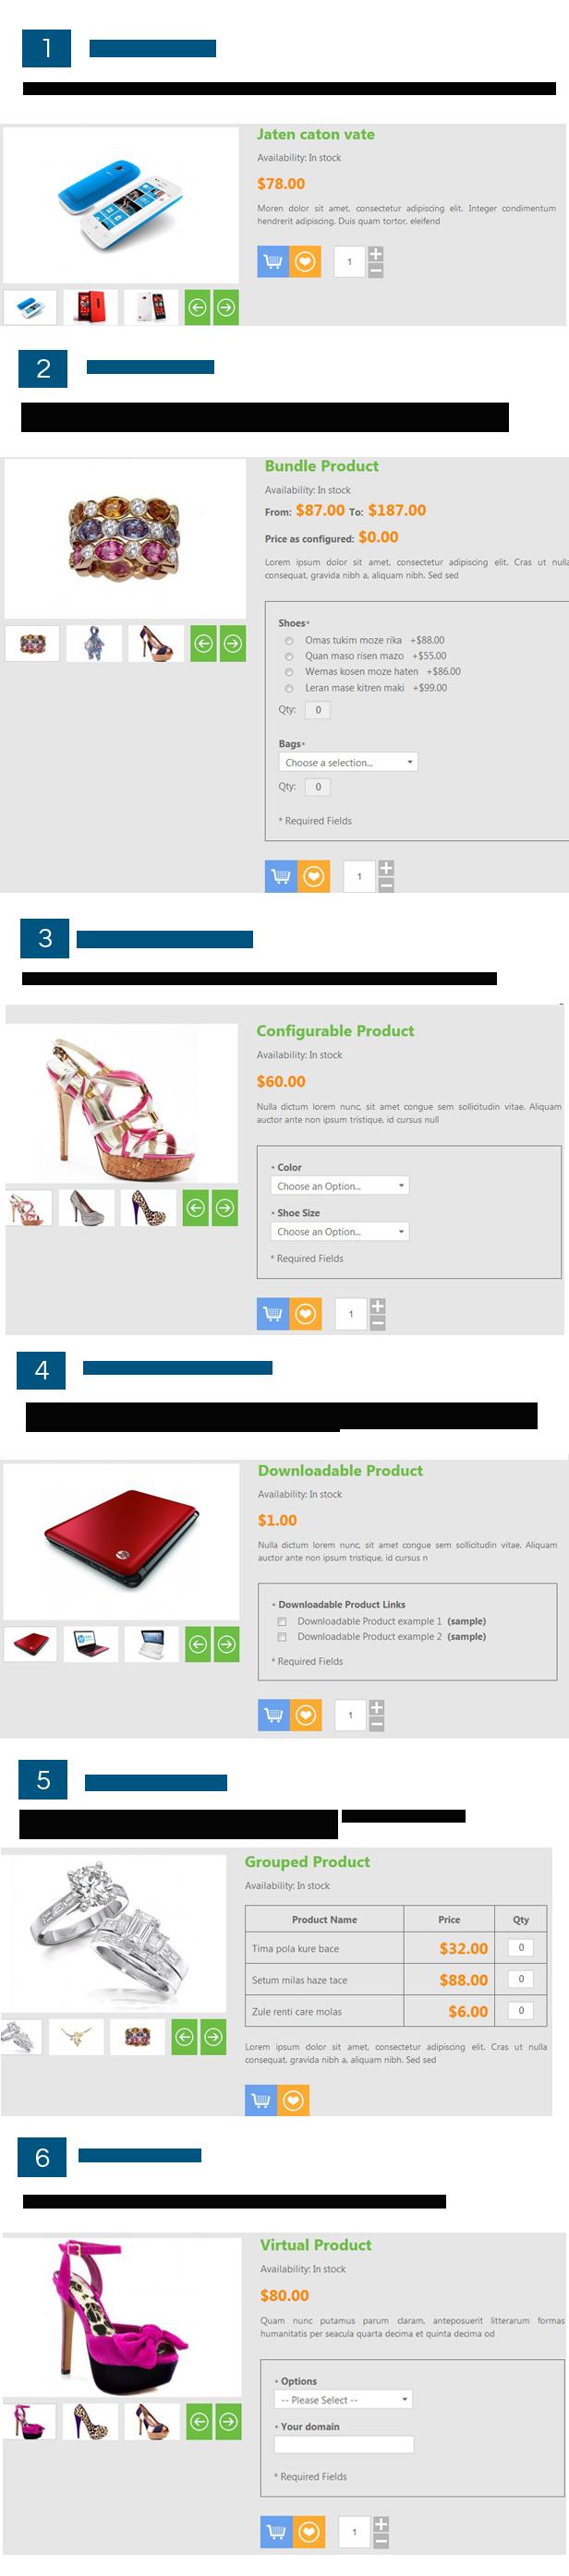 6products - SM Amaz - Premium Responsive Magento Theme